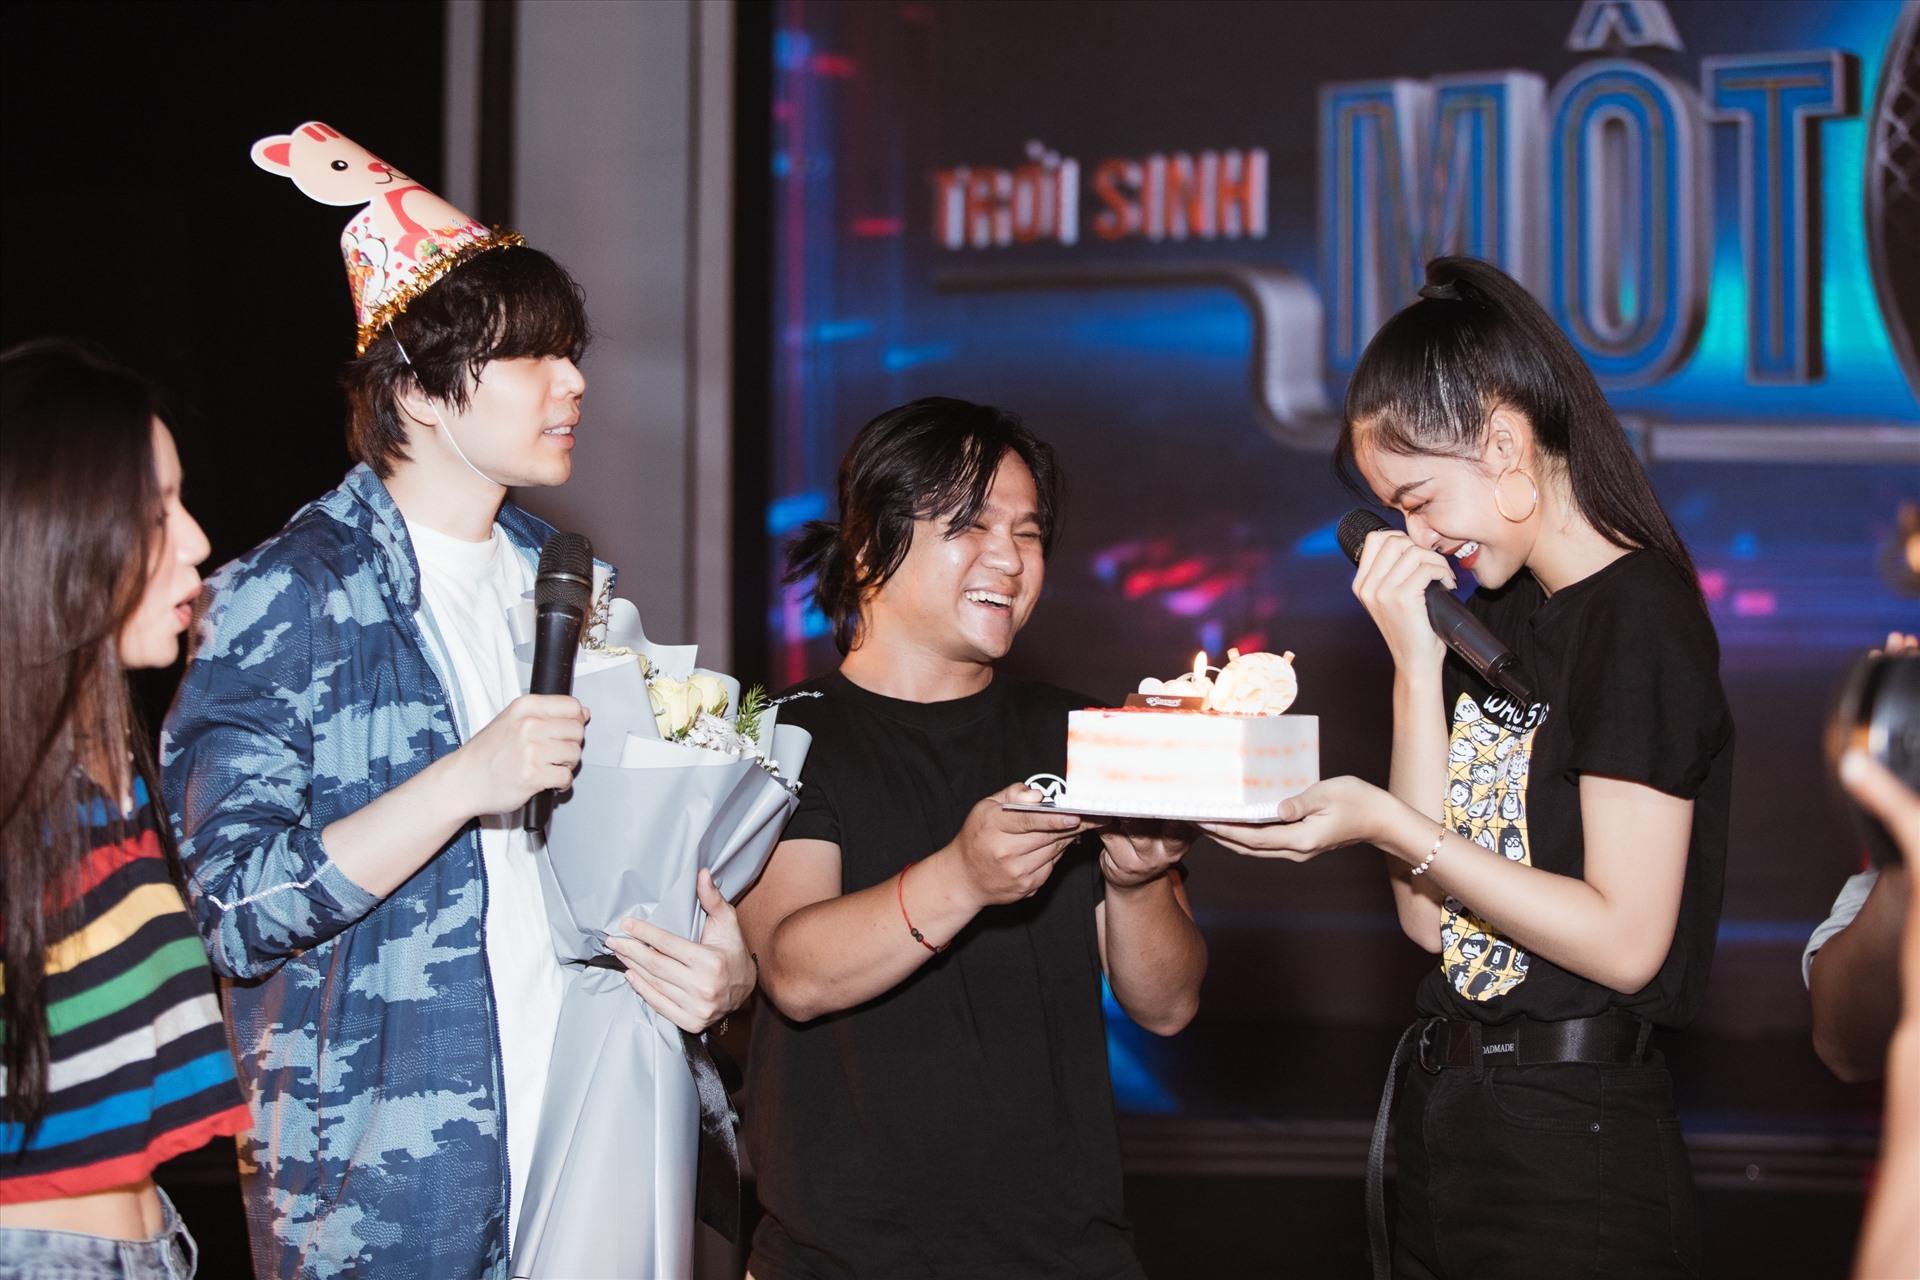 Tuy nhiên, người đẹp bất ngờ khi được êkip dành tặng bánh kem và lời chúc bất ngờ.